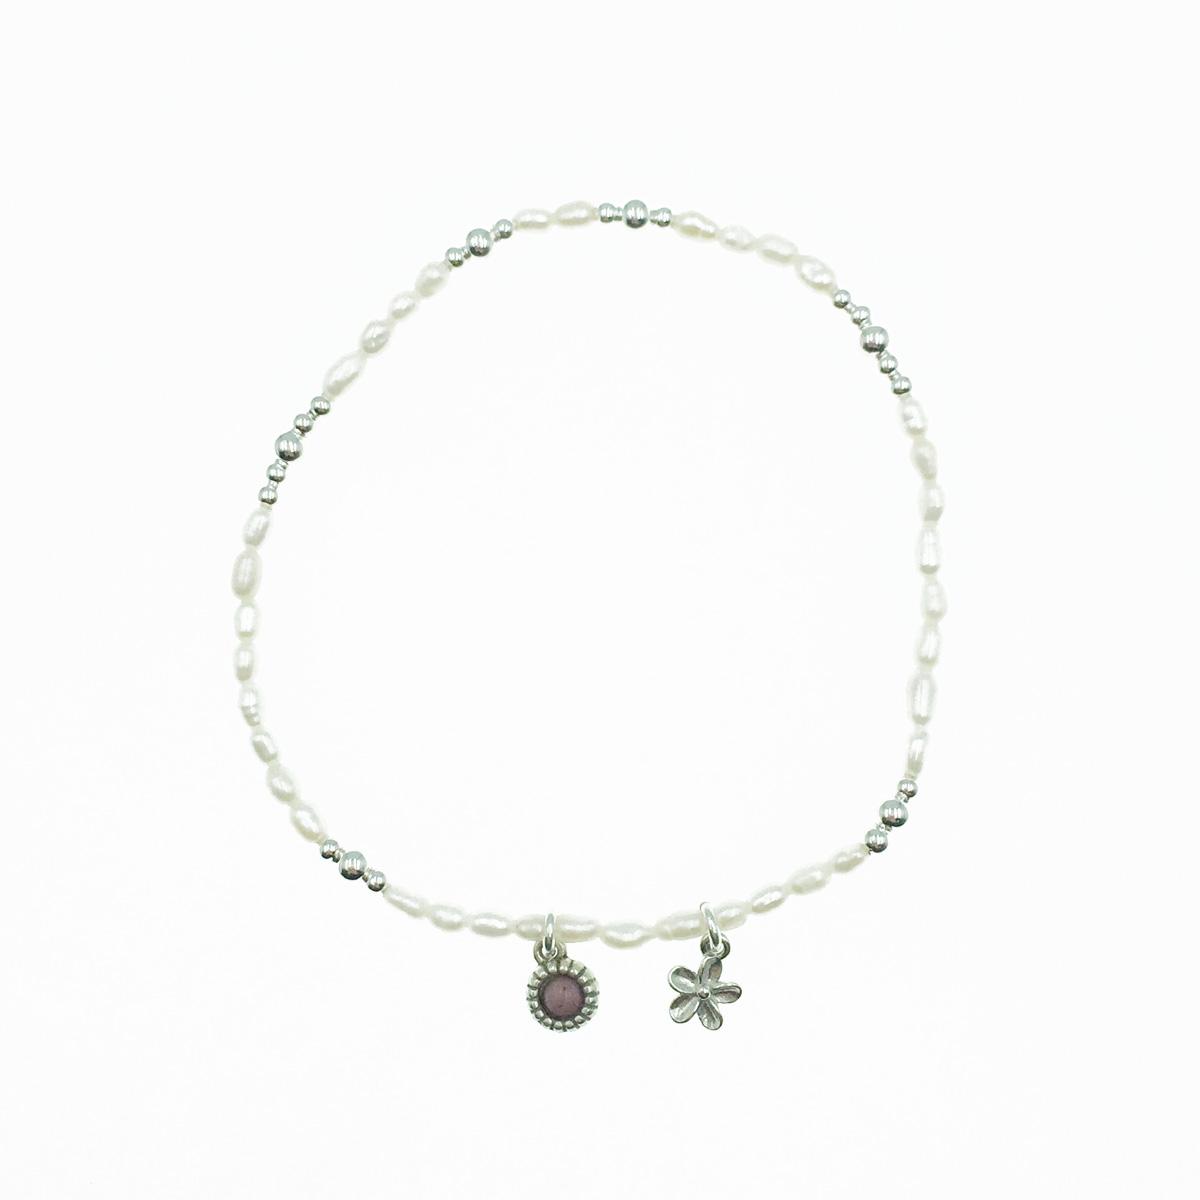 韓國 925純銀 串珠 小花墜飾 彈力手環